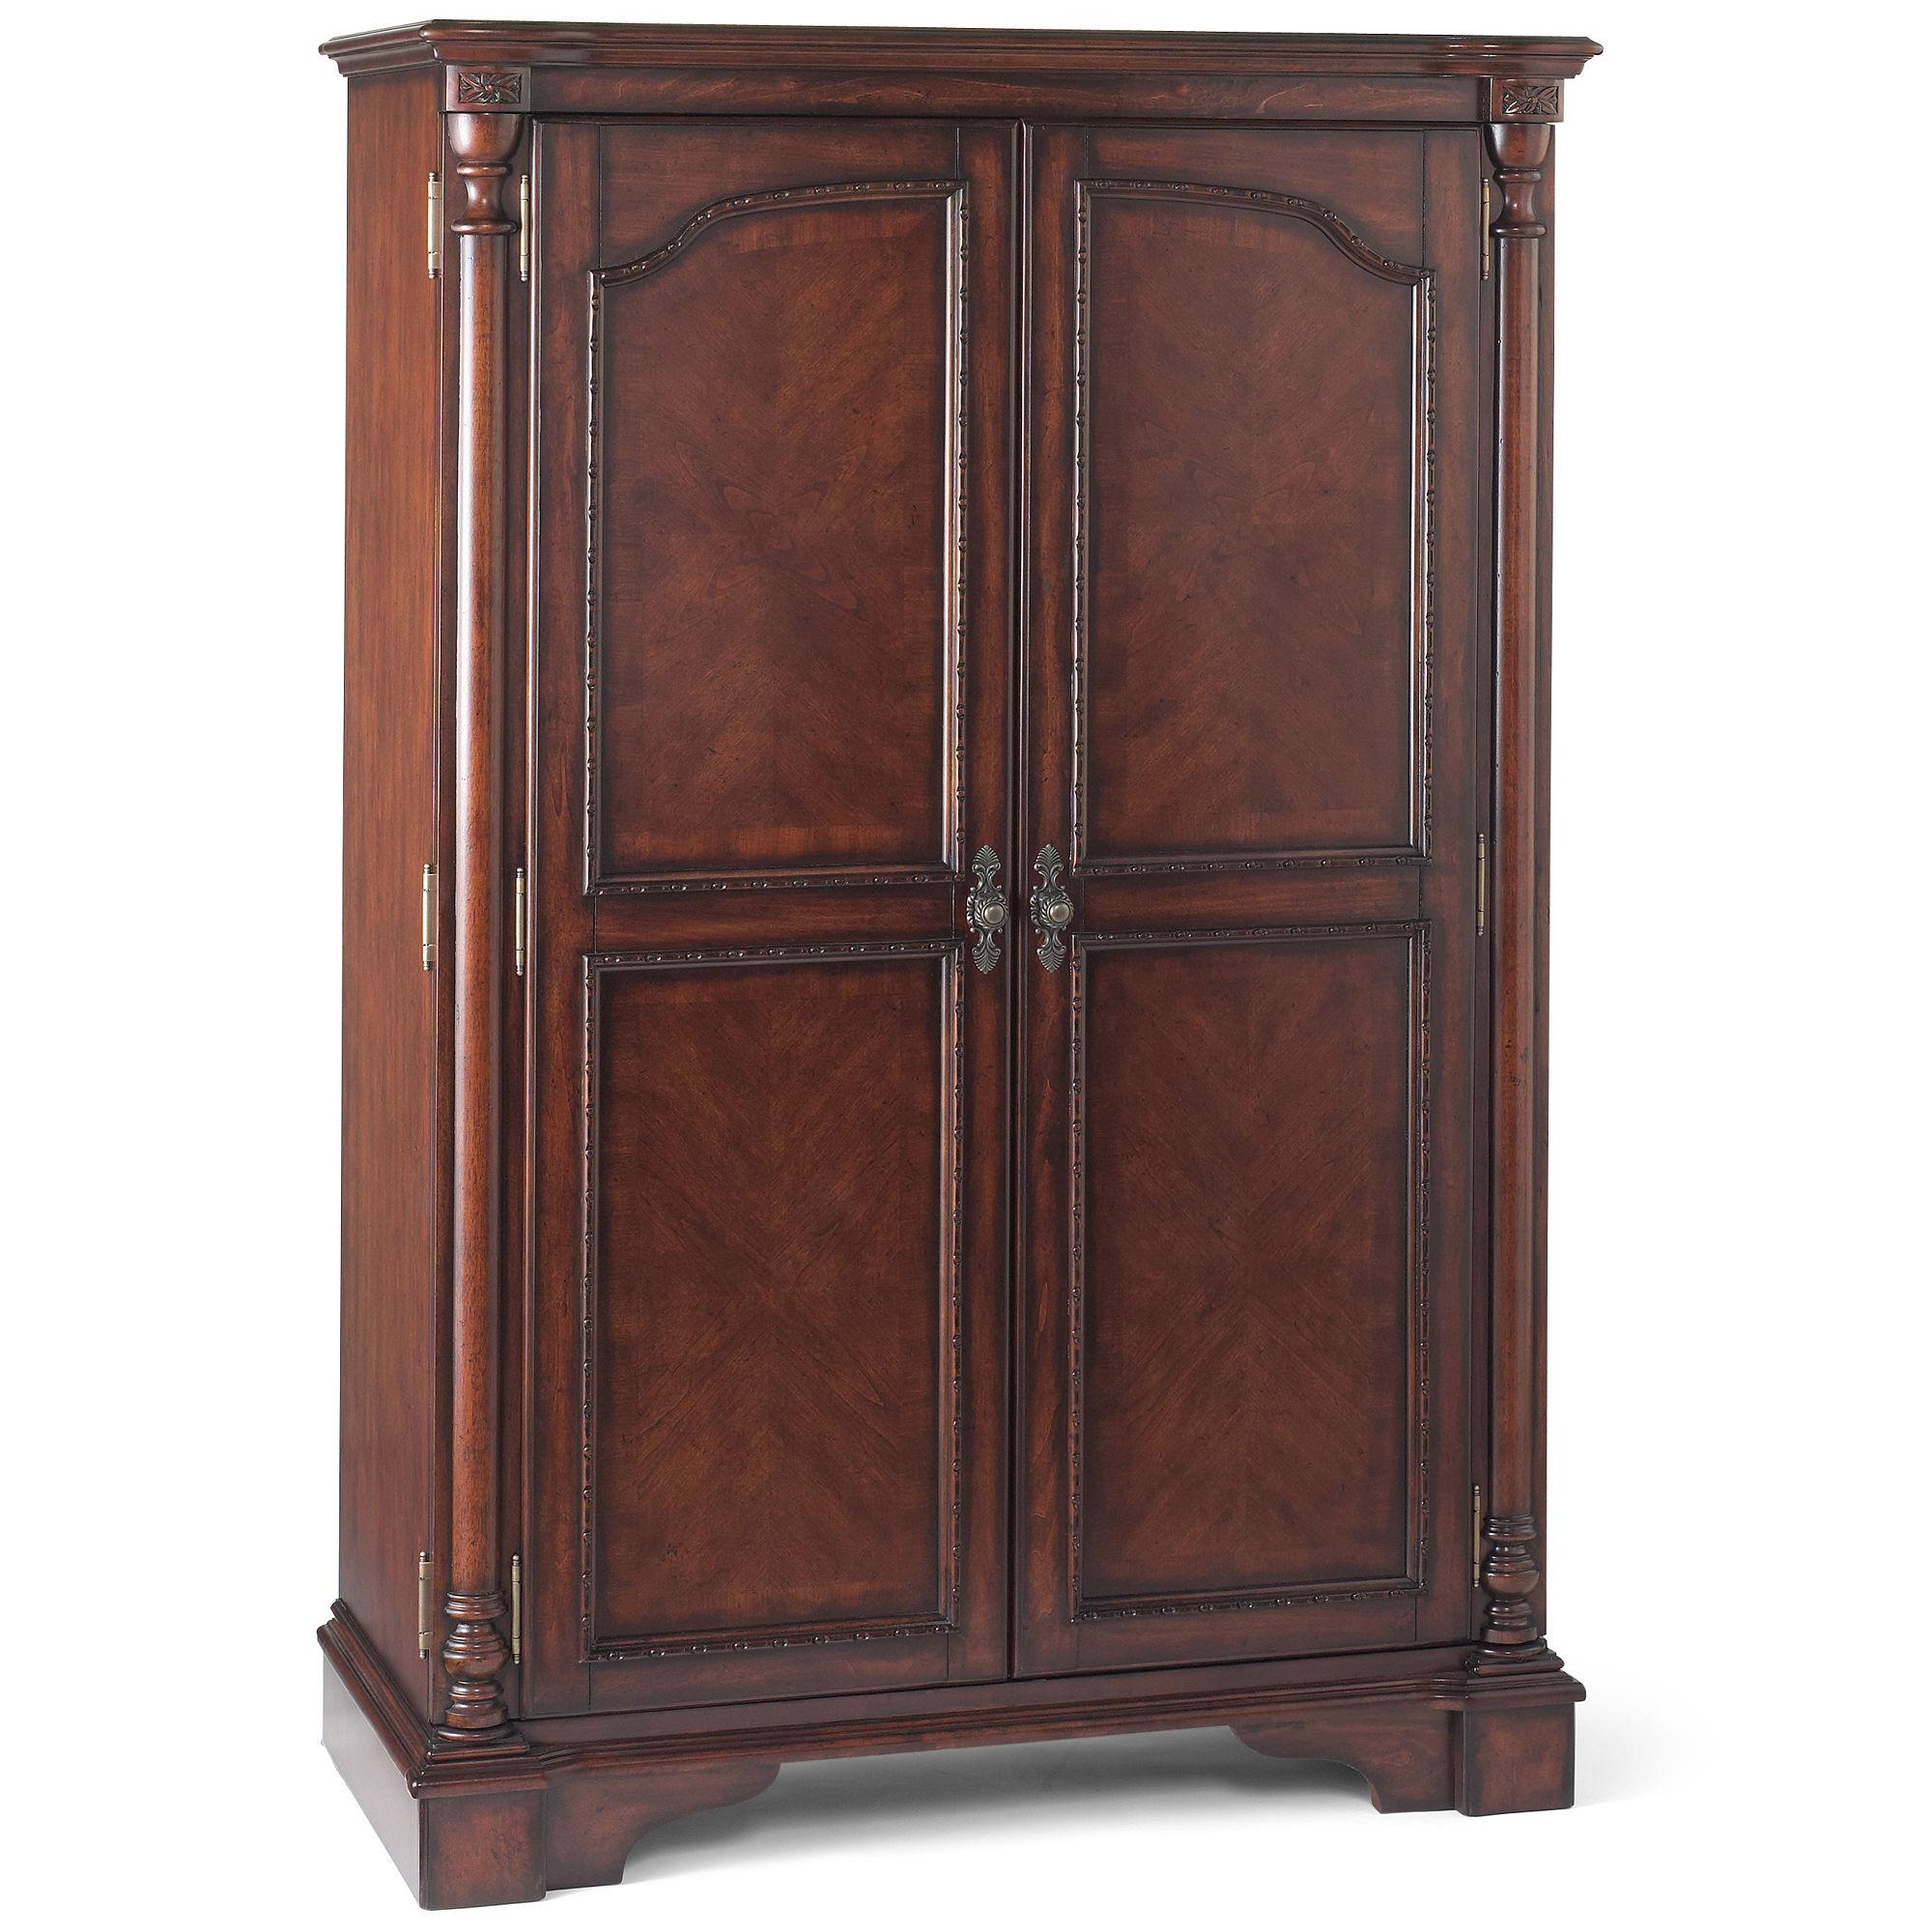 Tv Armoire Renaissance Revival Design Imperial Suite